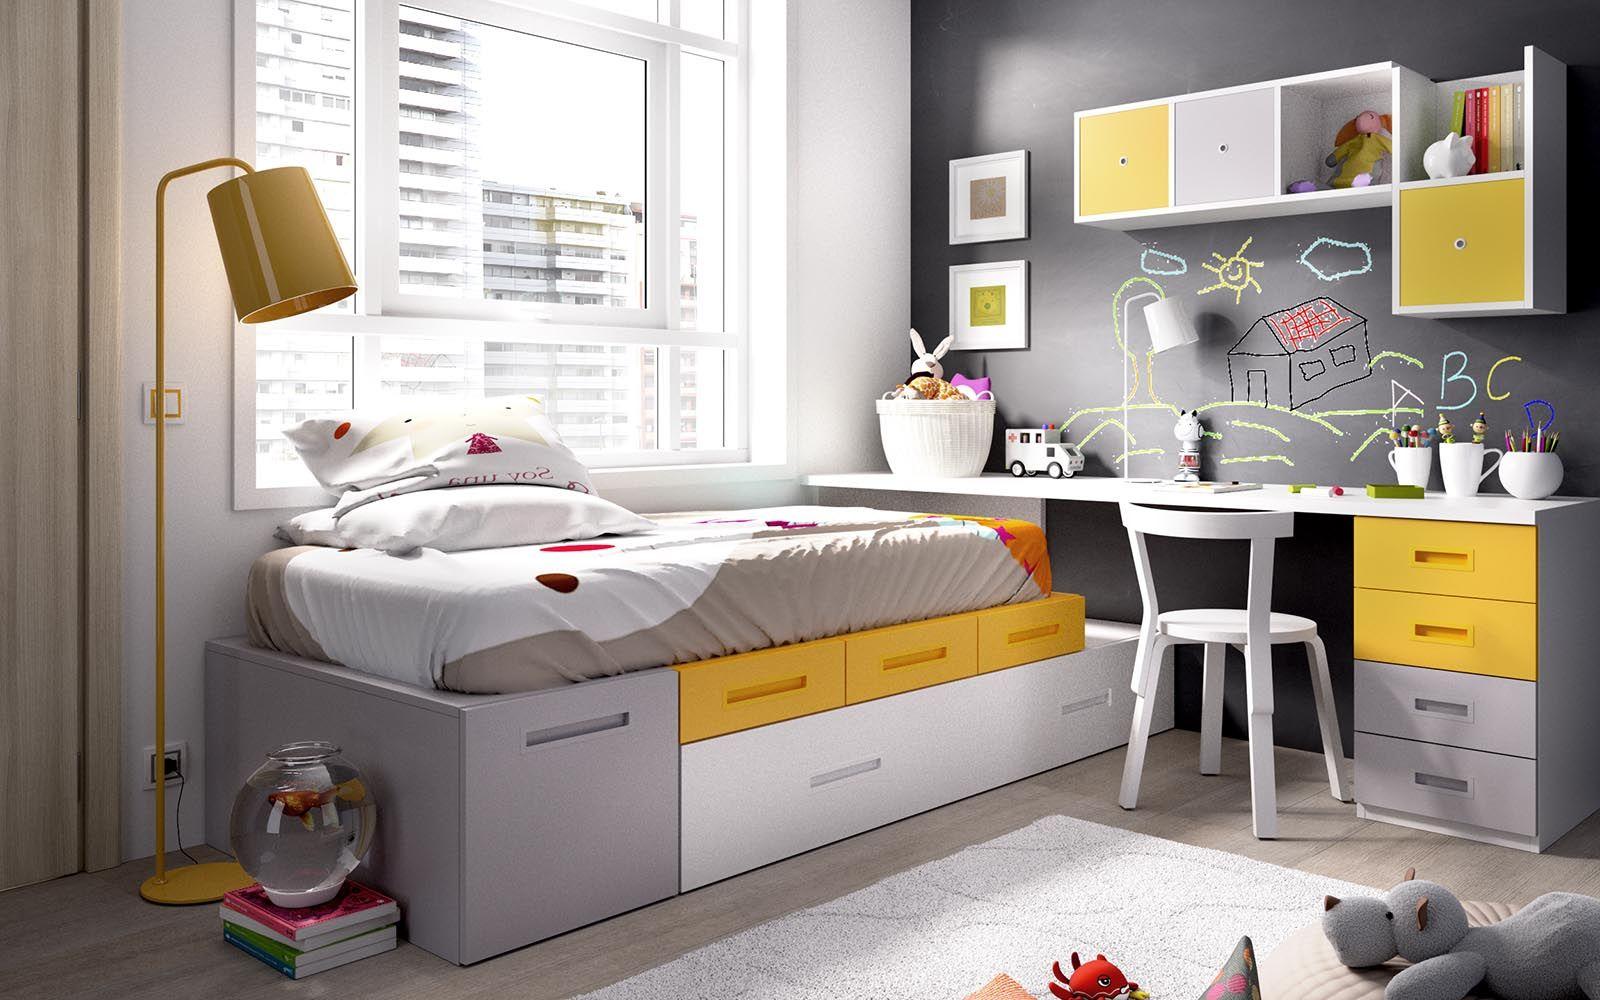 dormitorio juvenil con gran capacidad dormitorios